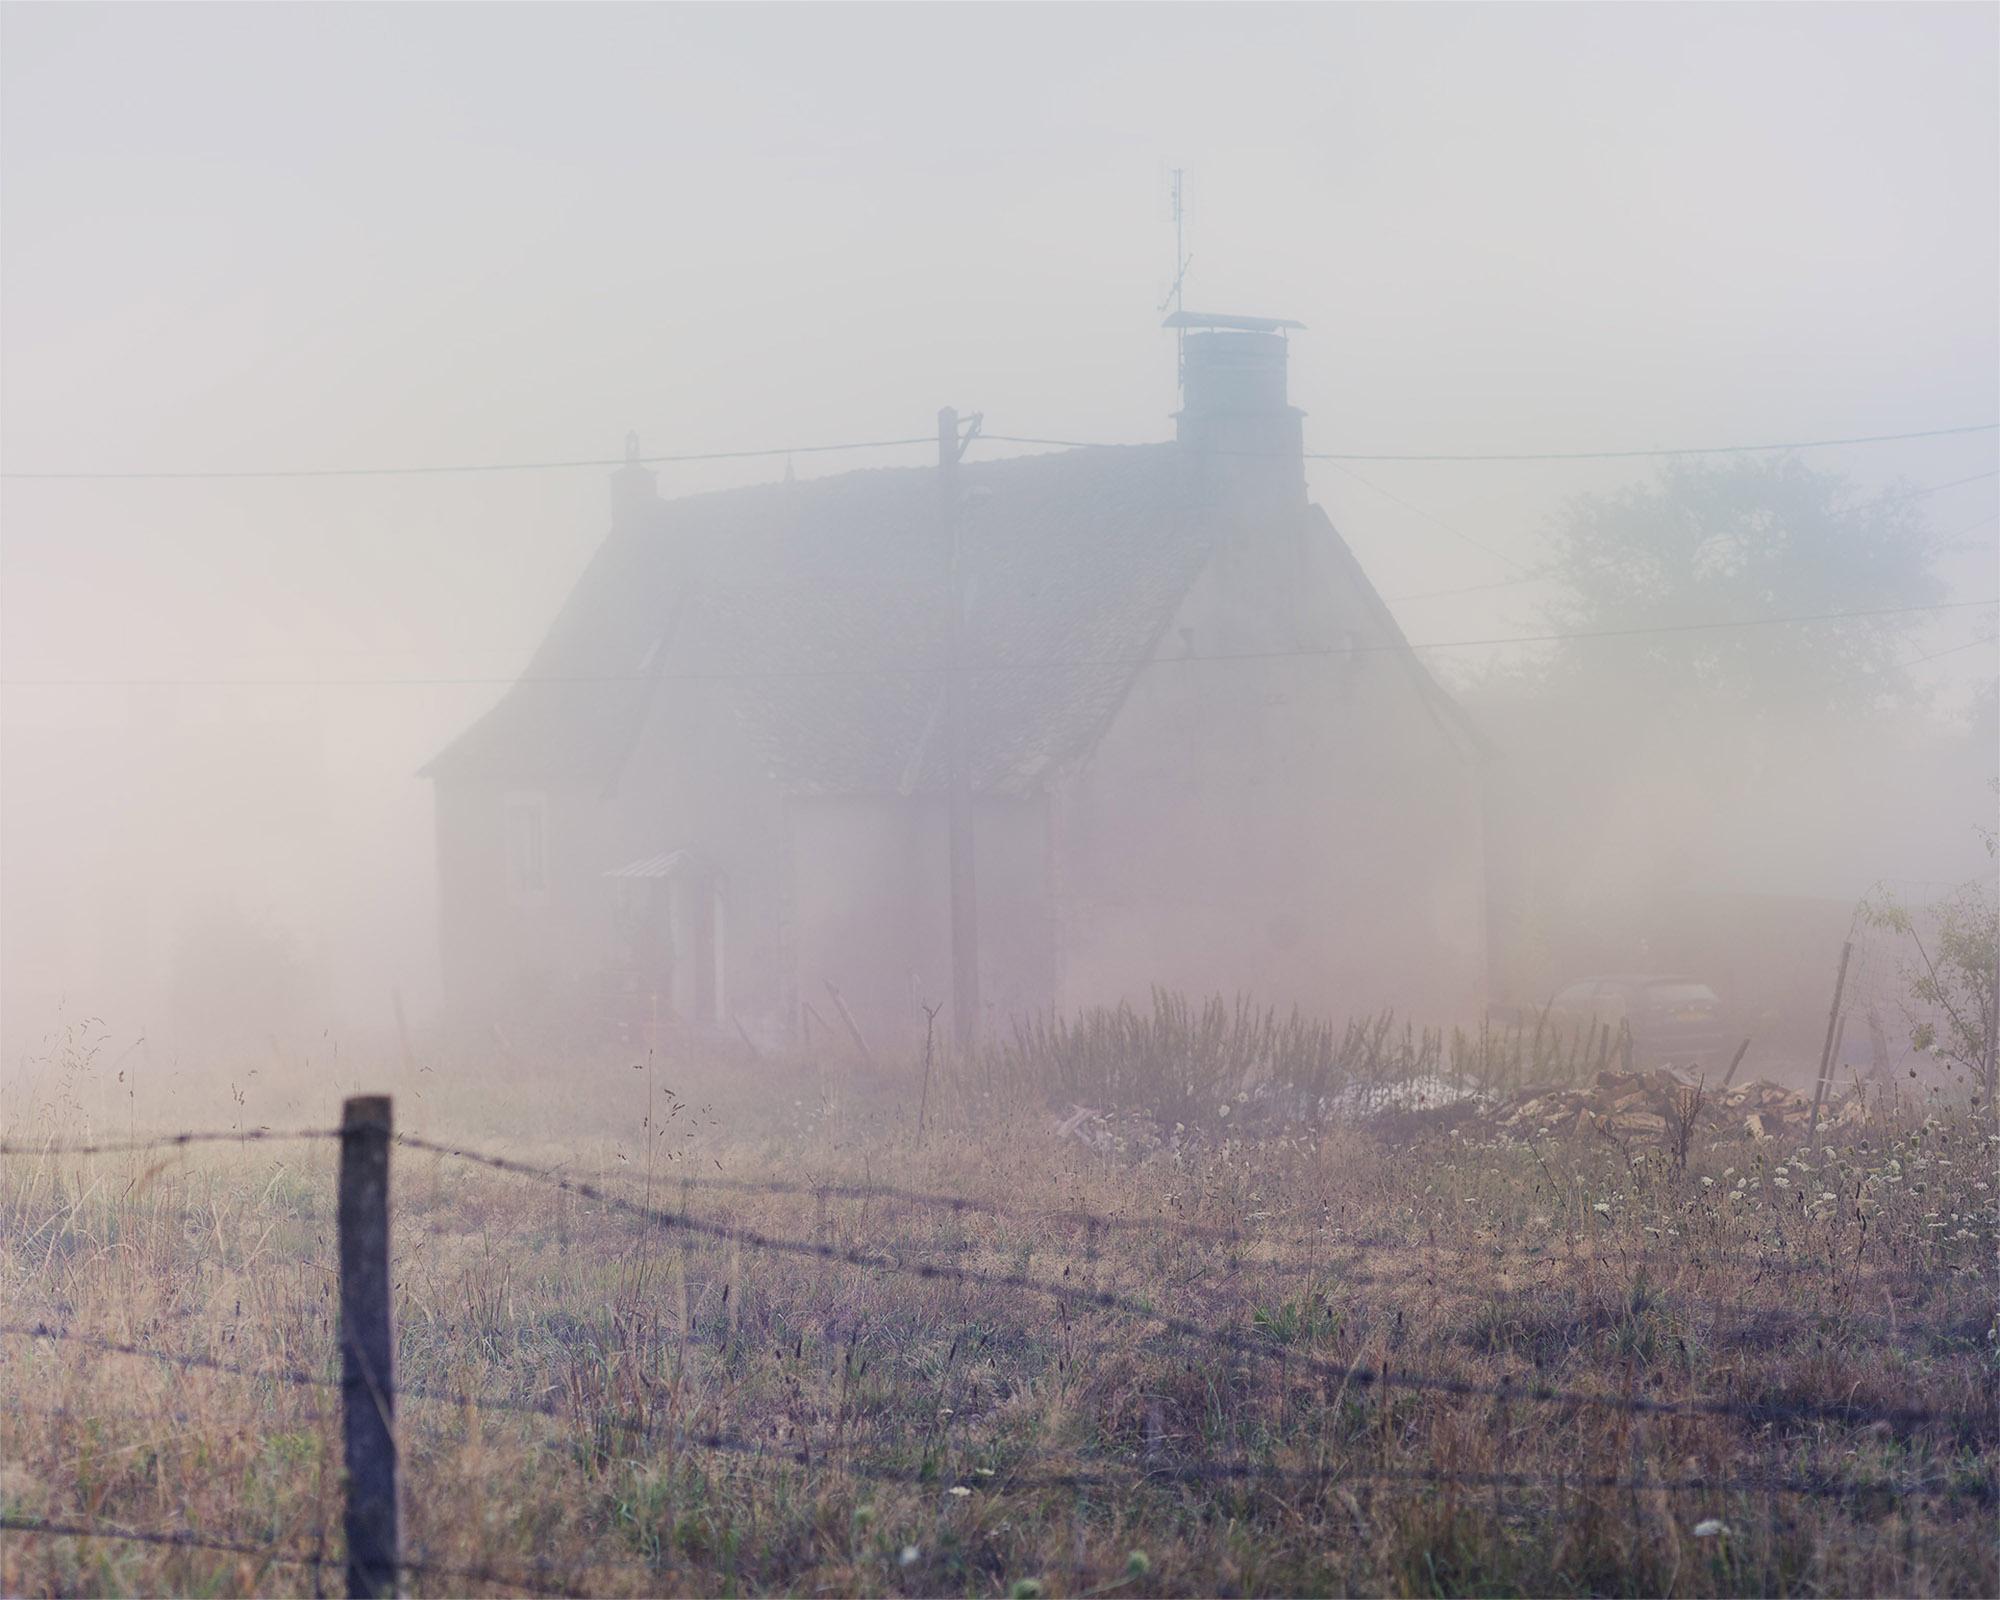 Farmers Cottage, Courqueux, Goulles, Central France, 2015. © Alan McFetridge